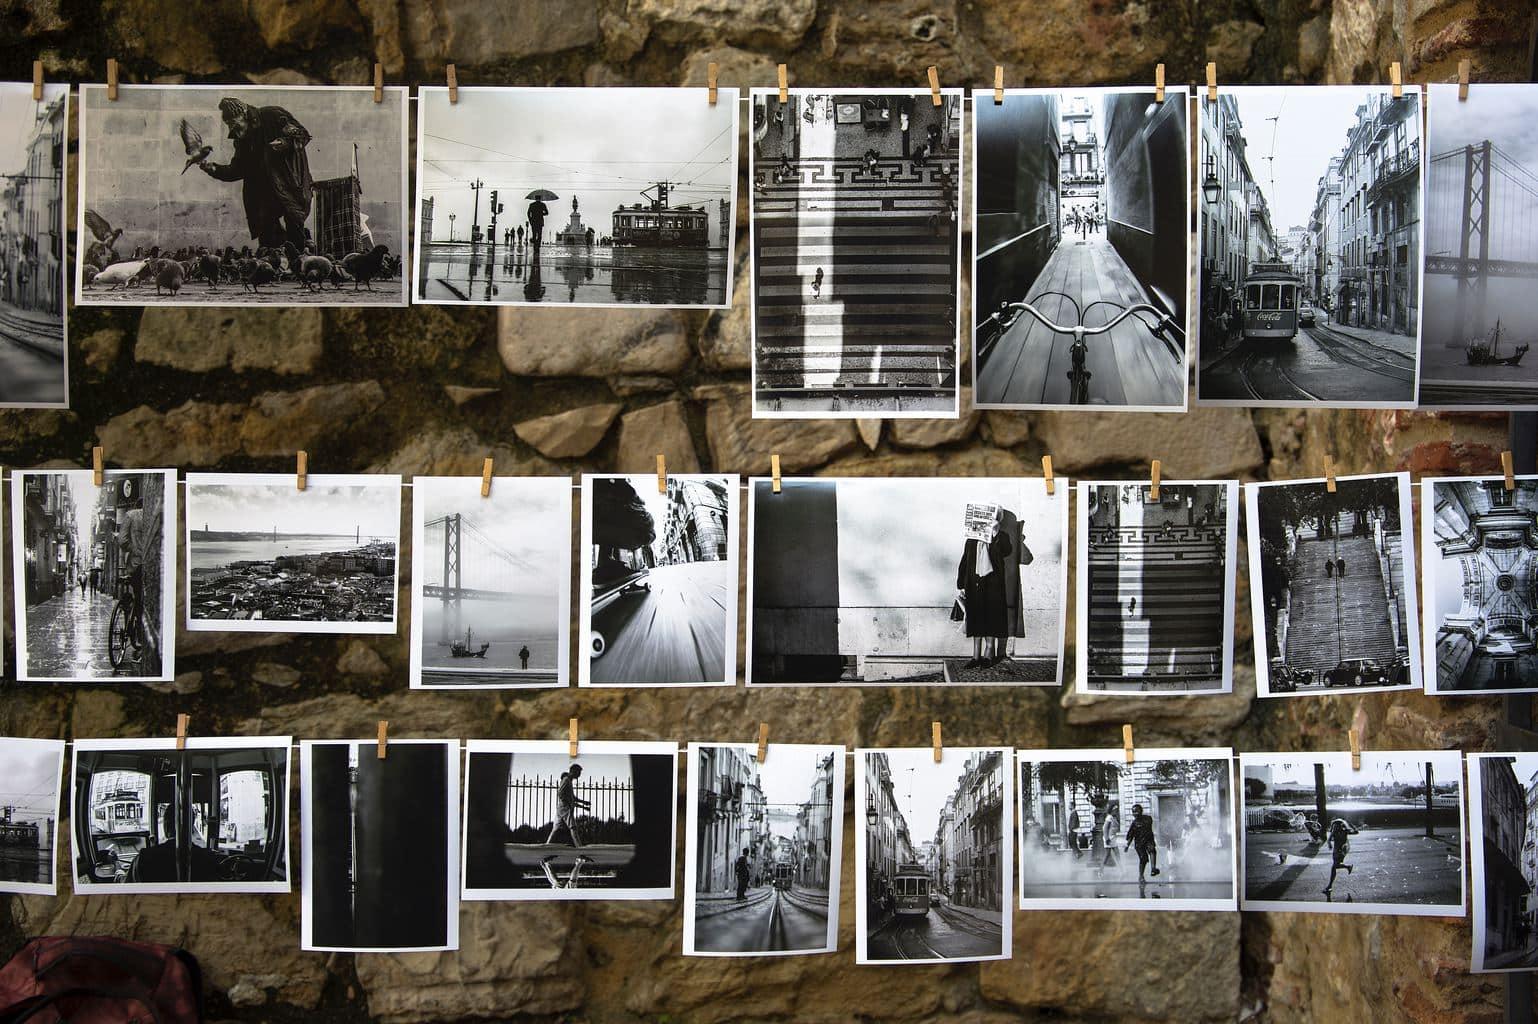 fotografías impresas en papel